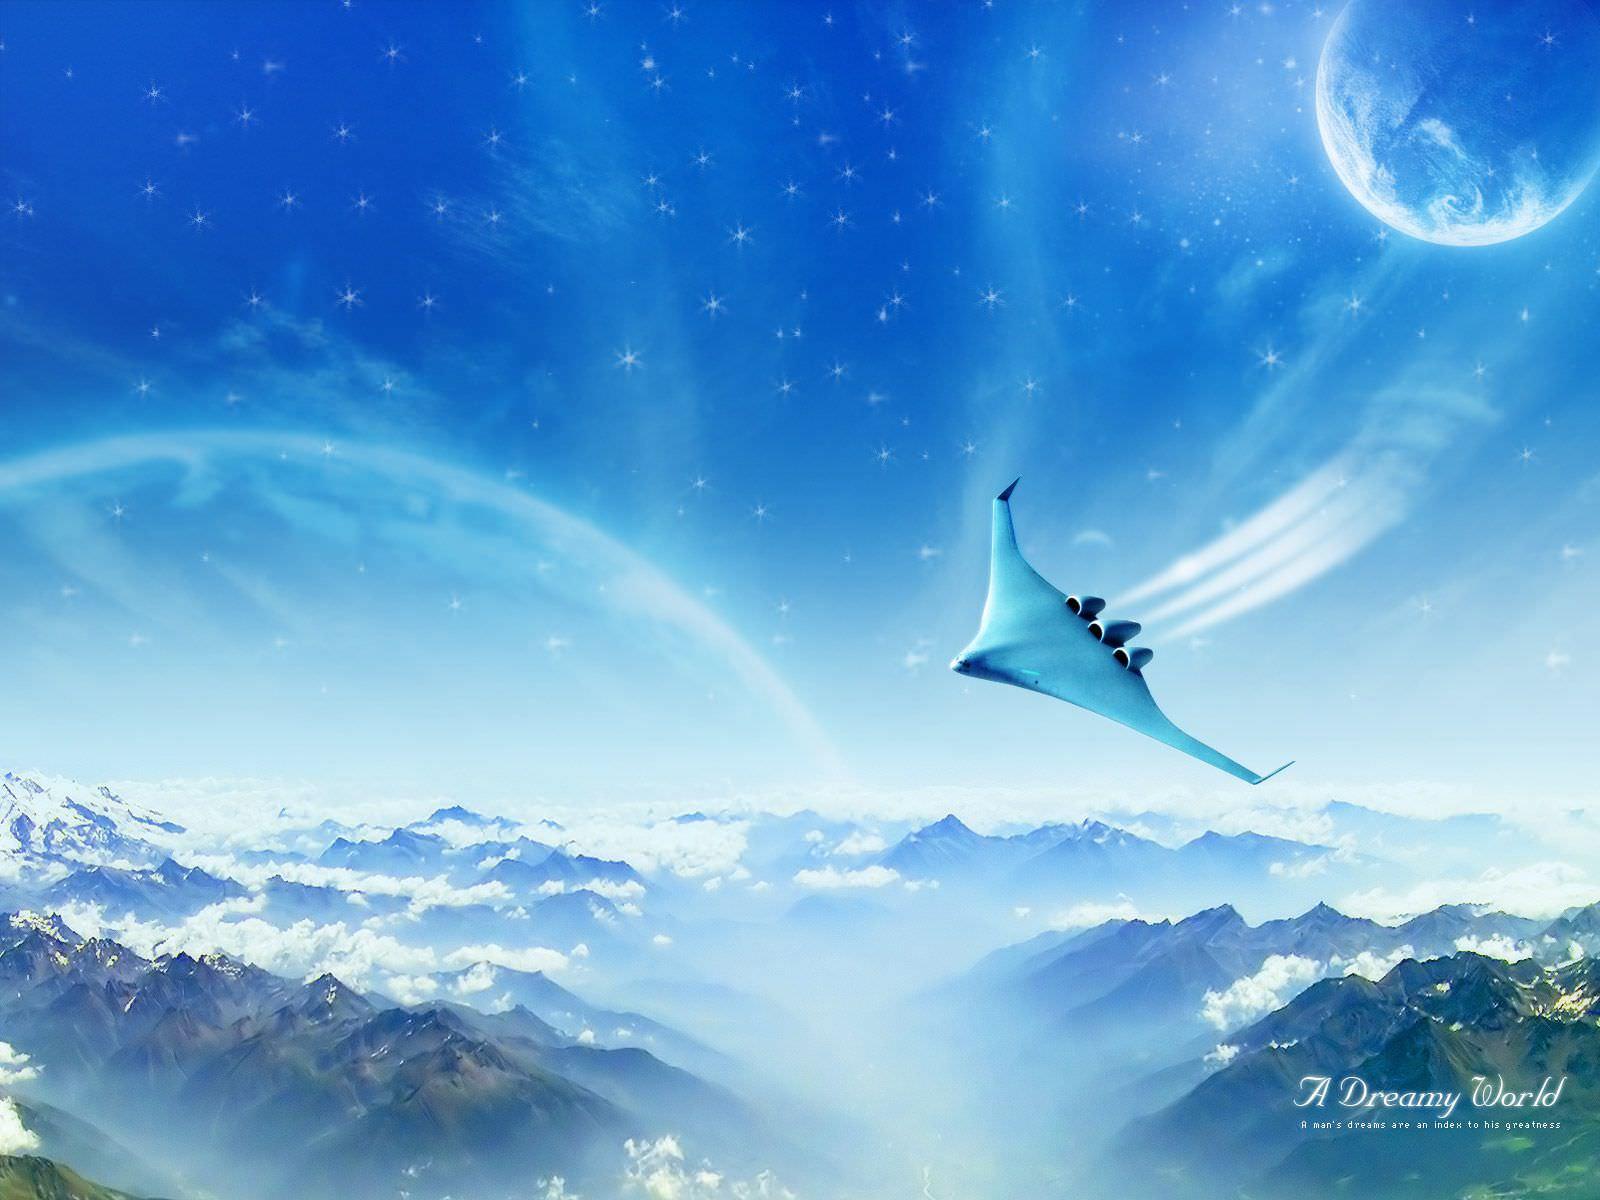 A_Dreamy_World_47th